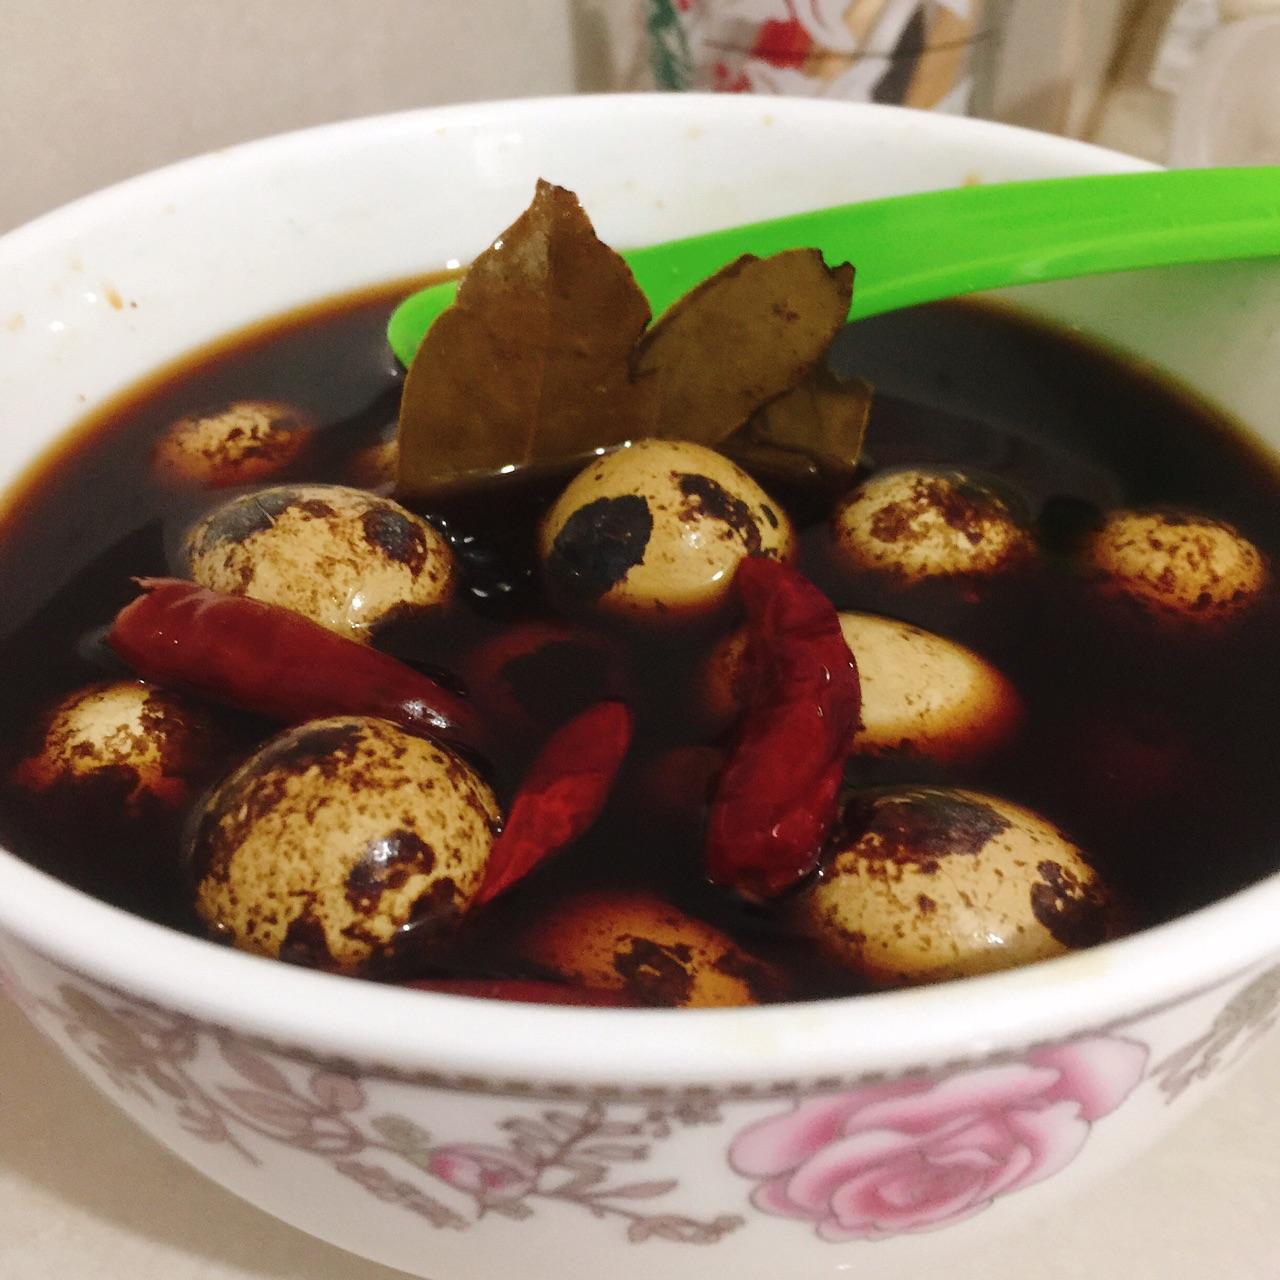 青豆蛋的榨菜_做法_豆果美食鹌鹑炒菜谱好豆网图片